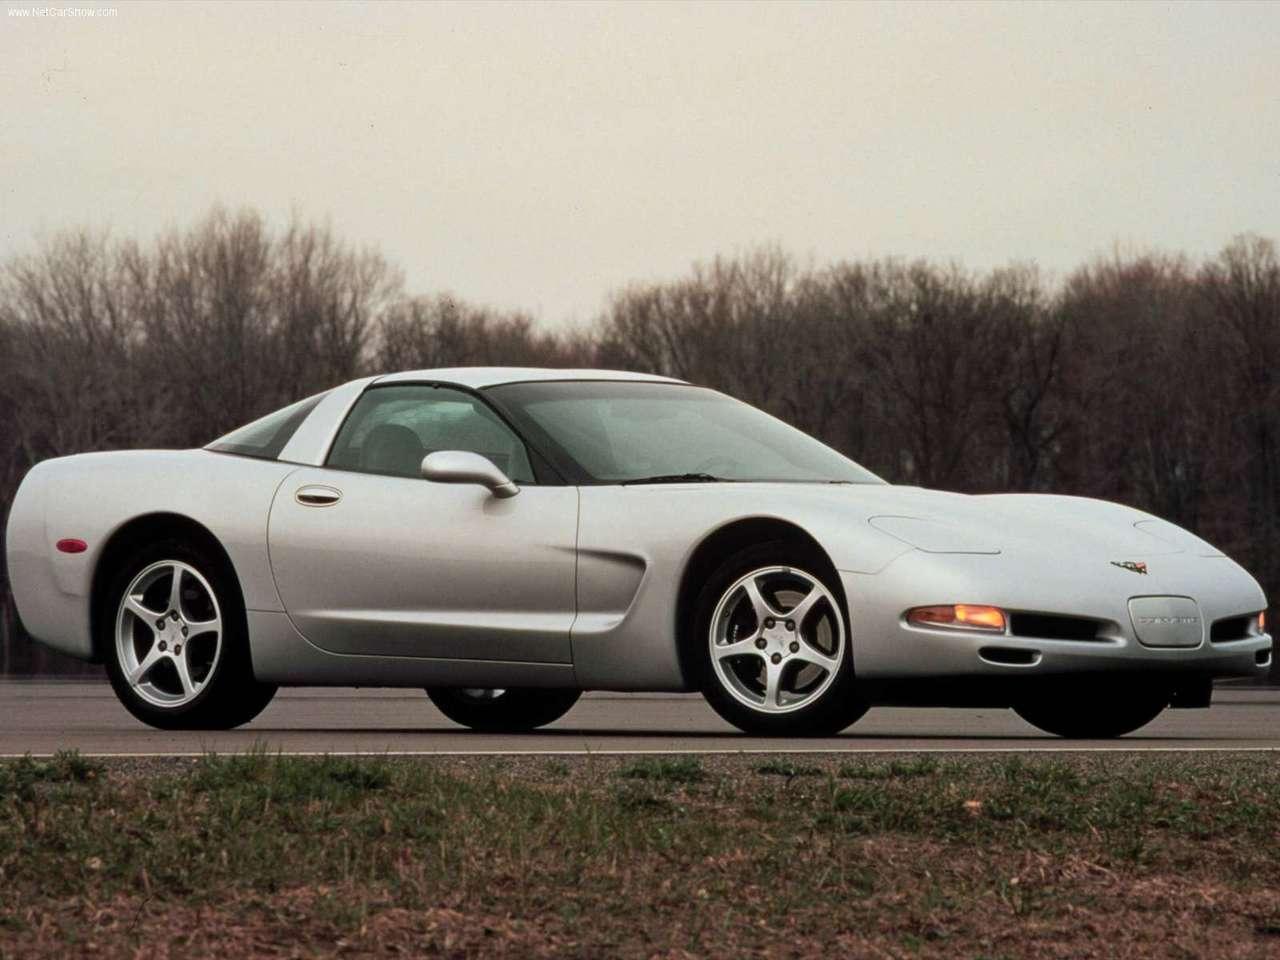 http://4.bp.blogspot.com/-YbKUmnQwhZM/TZBWB_c-XWI/AAAAAAAAOKg/lY8CLopHkZo/s1600/Chevrolet-Corvette_2000_1280x960_wallpaper_03.jpg